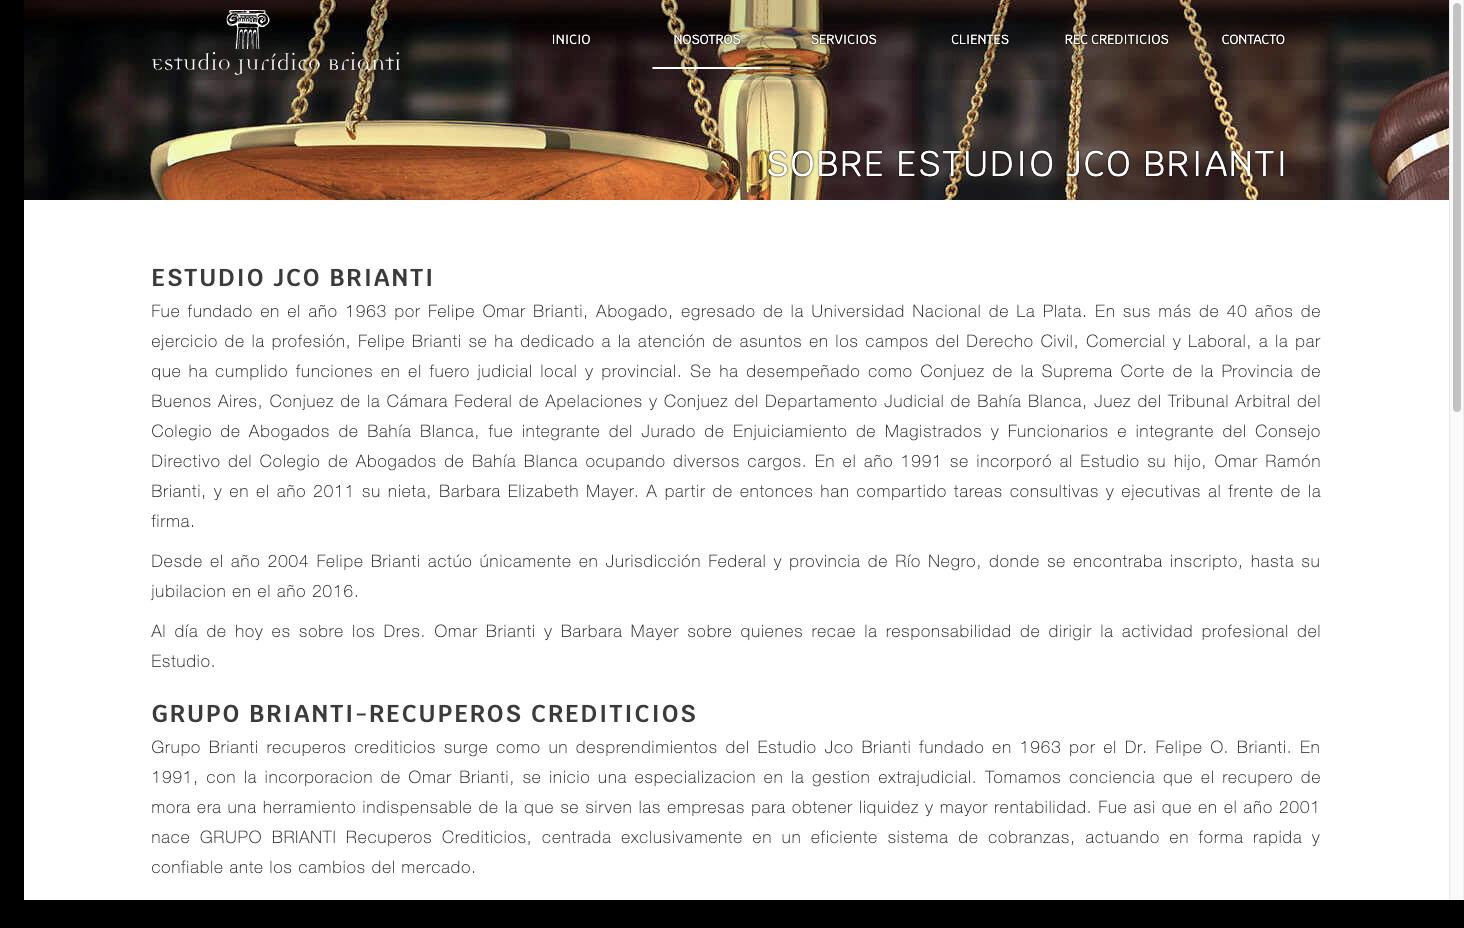 Estudio Juridico Brianti